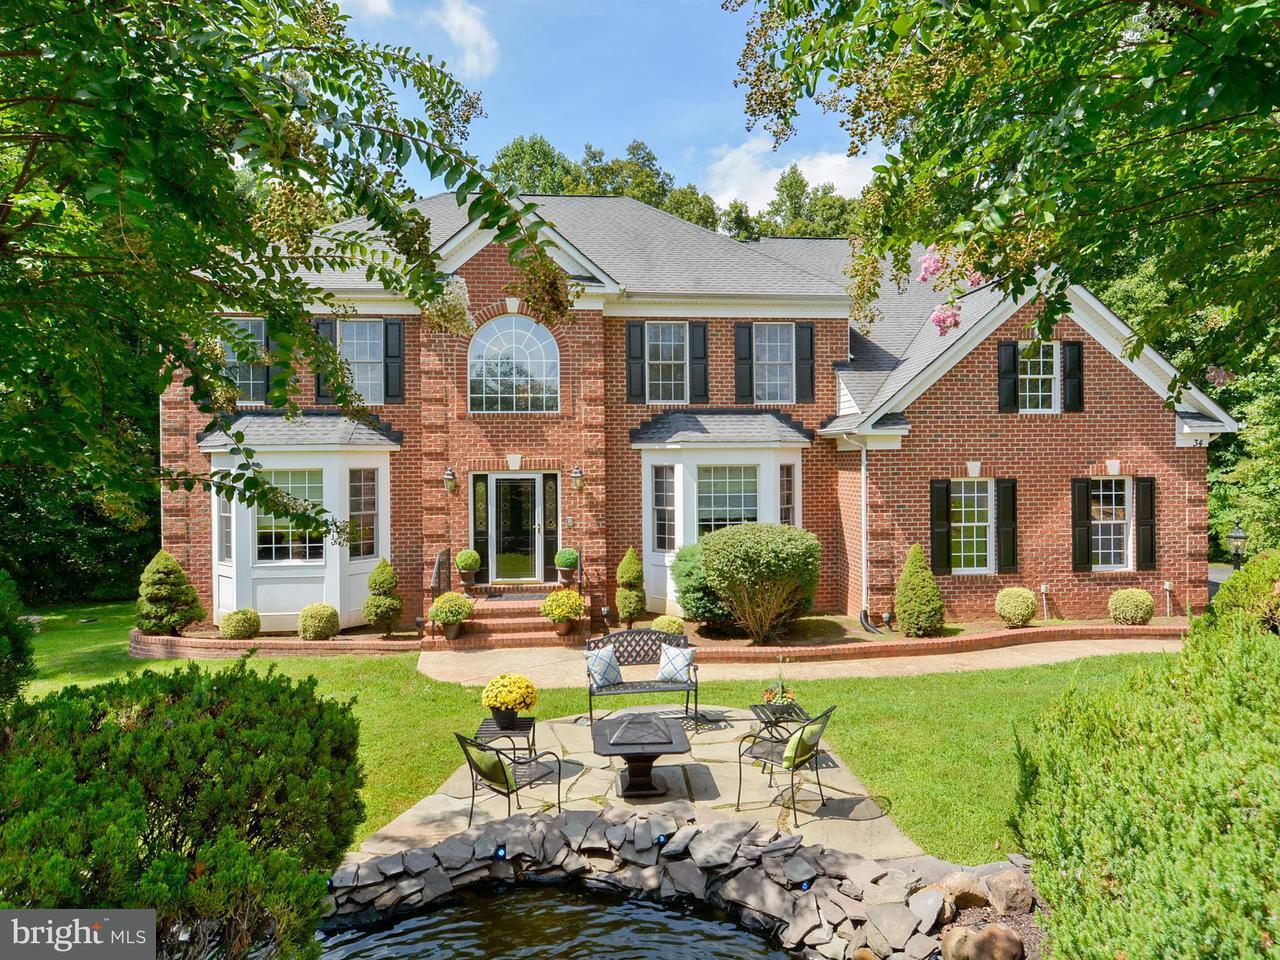 Casa Unifamiliar por un Venta en 34 WHIRLAWAY Drive 34 WHIRLAWAY Drive Stafford, Virginia 22556 Estados Unidos